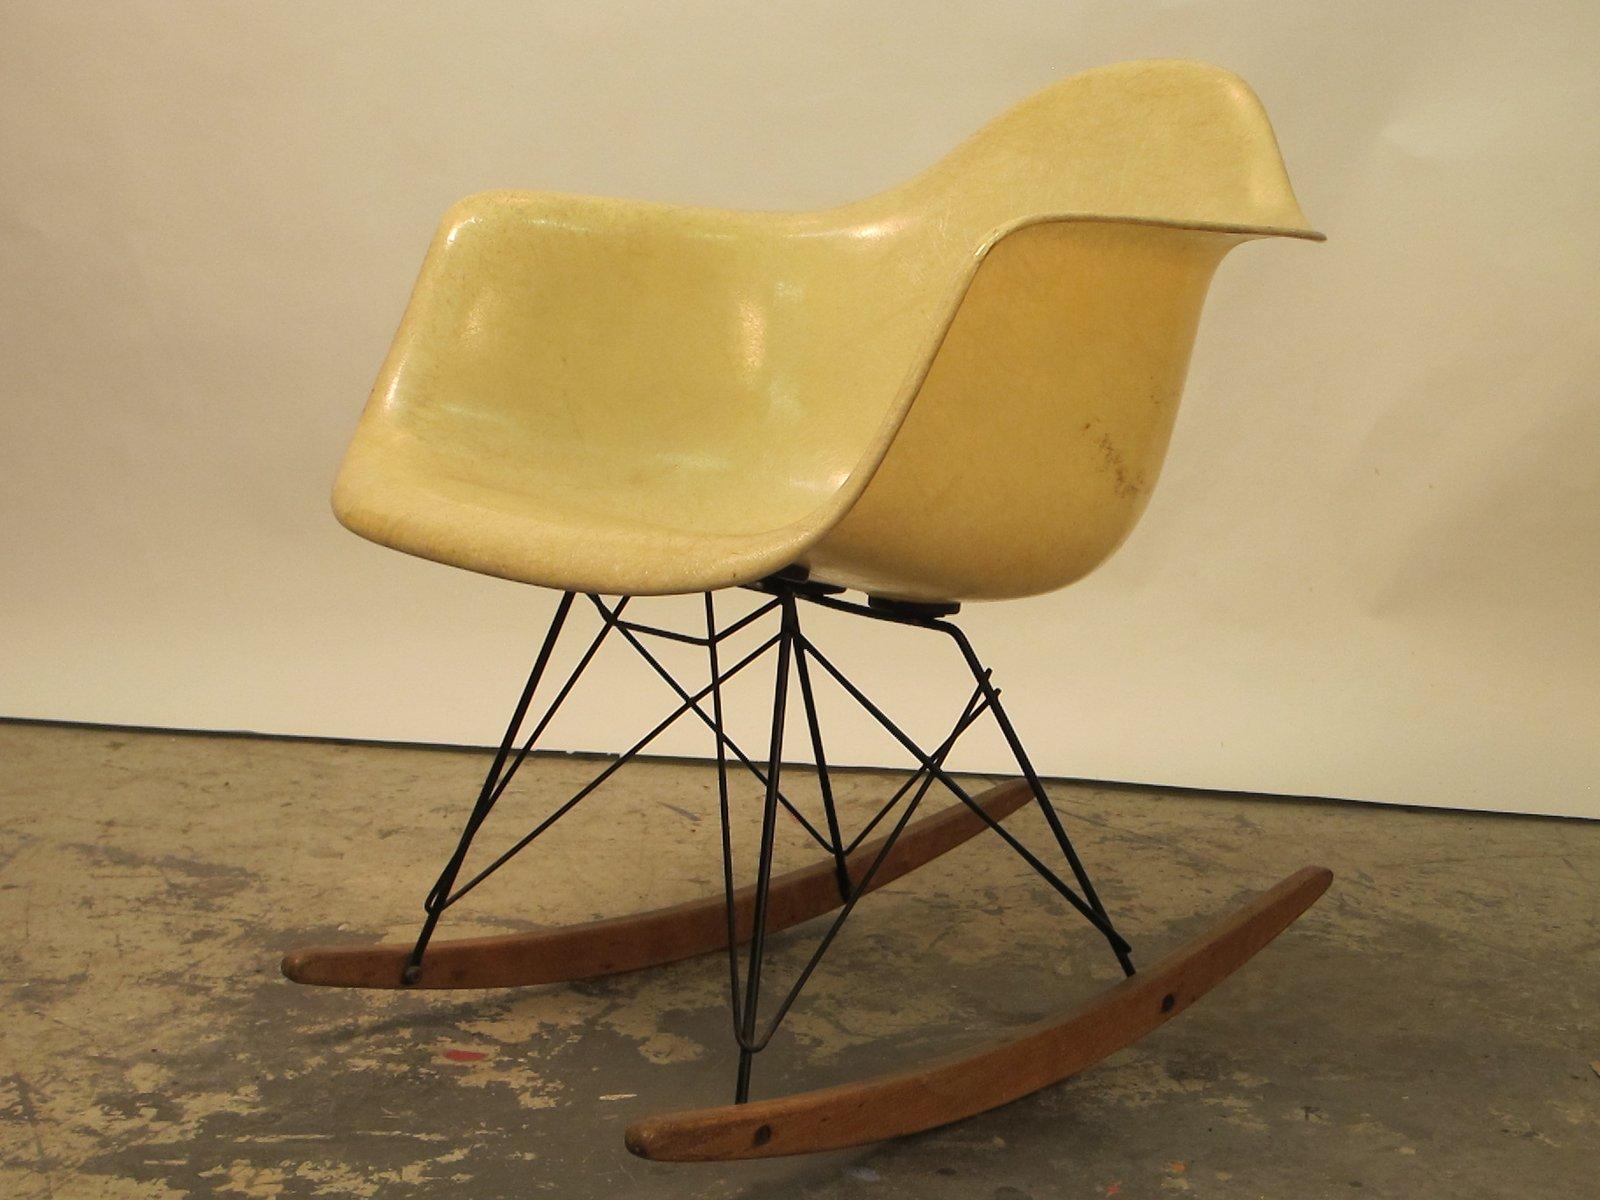 Chaise mod le rar par charles et ray eames pour herman miller 1940s en vente sur pamono - Charles et ray eames chaise ...